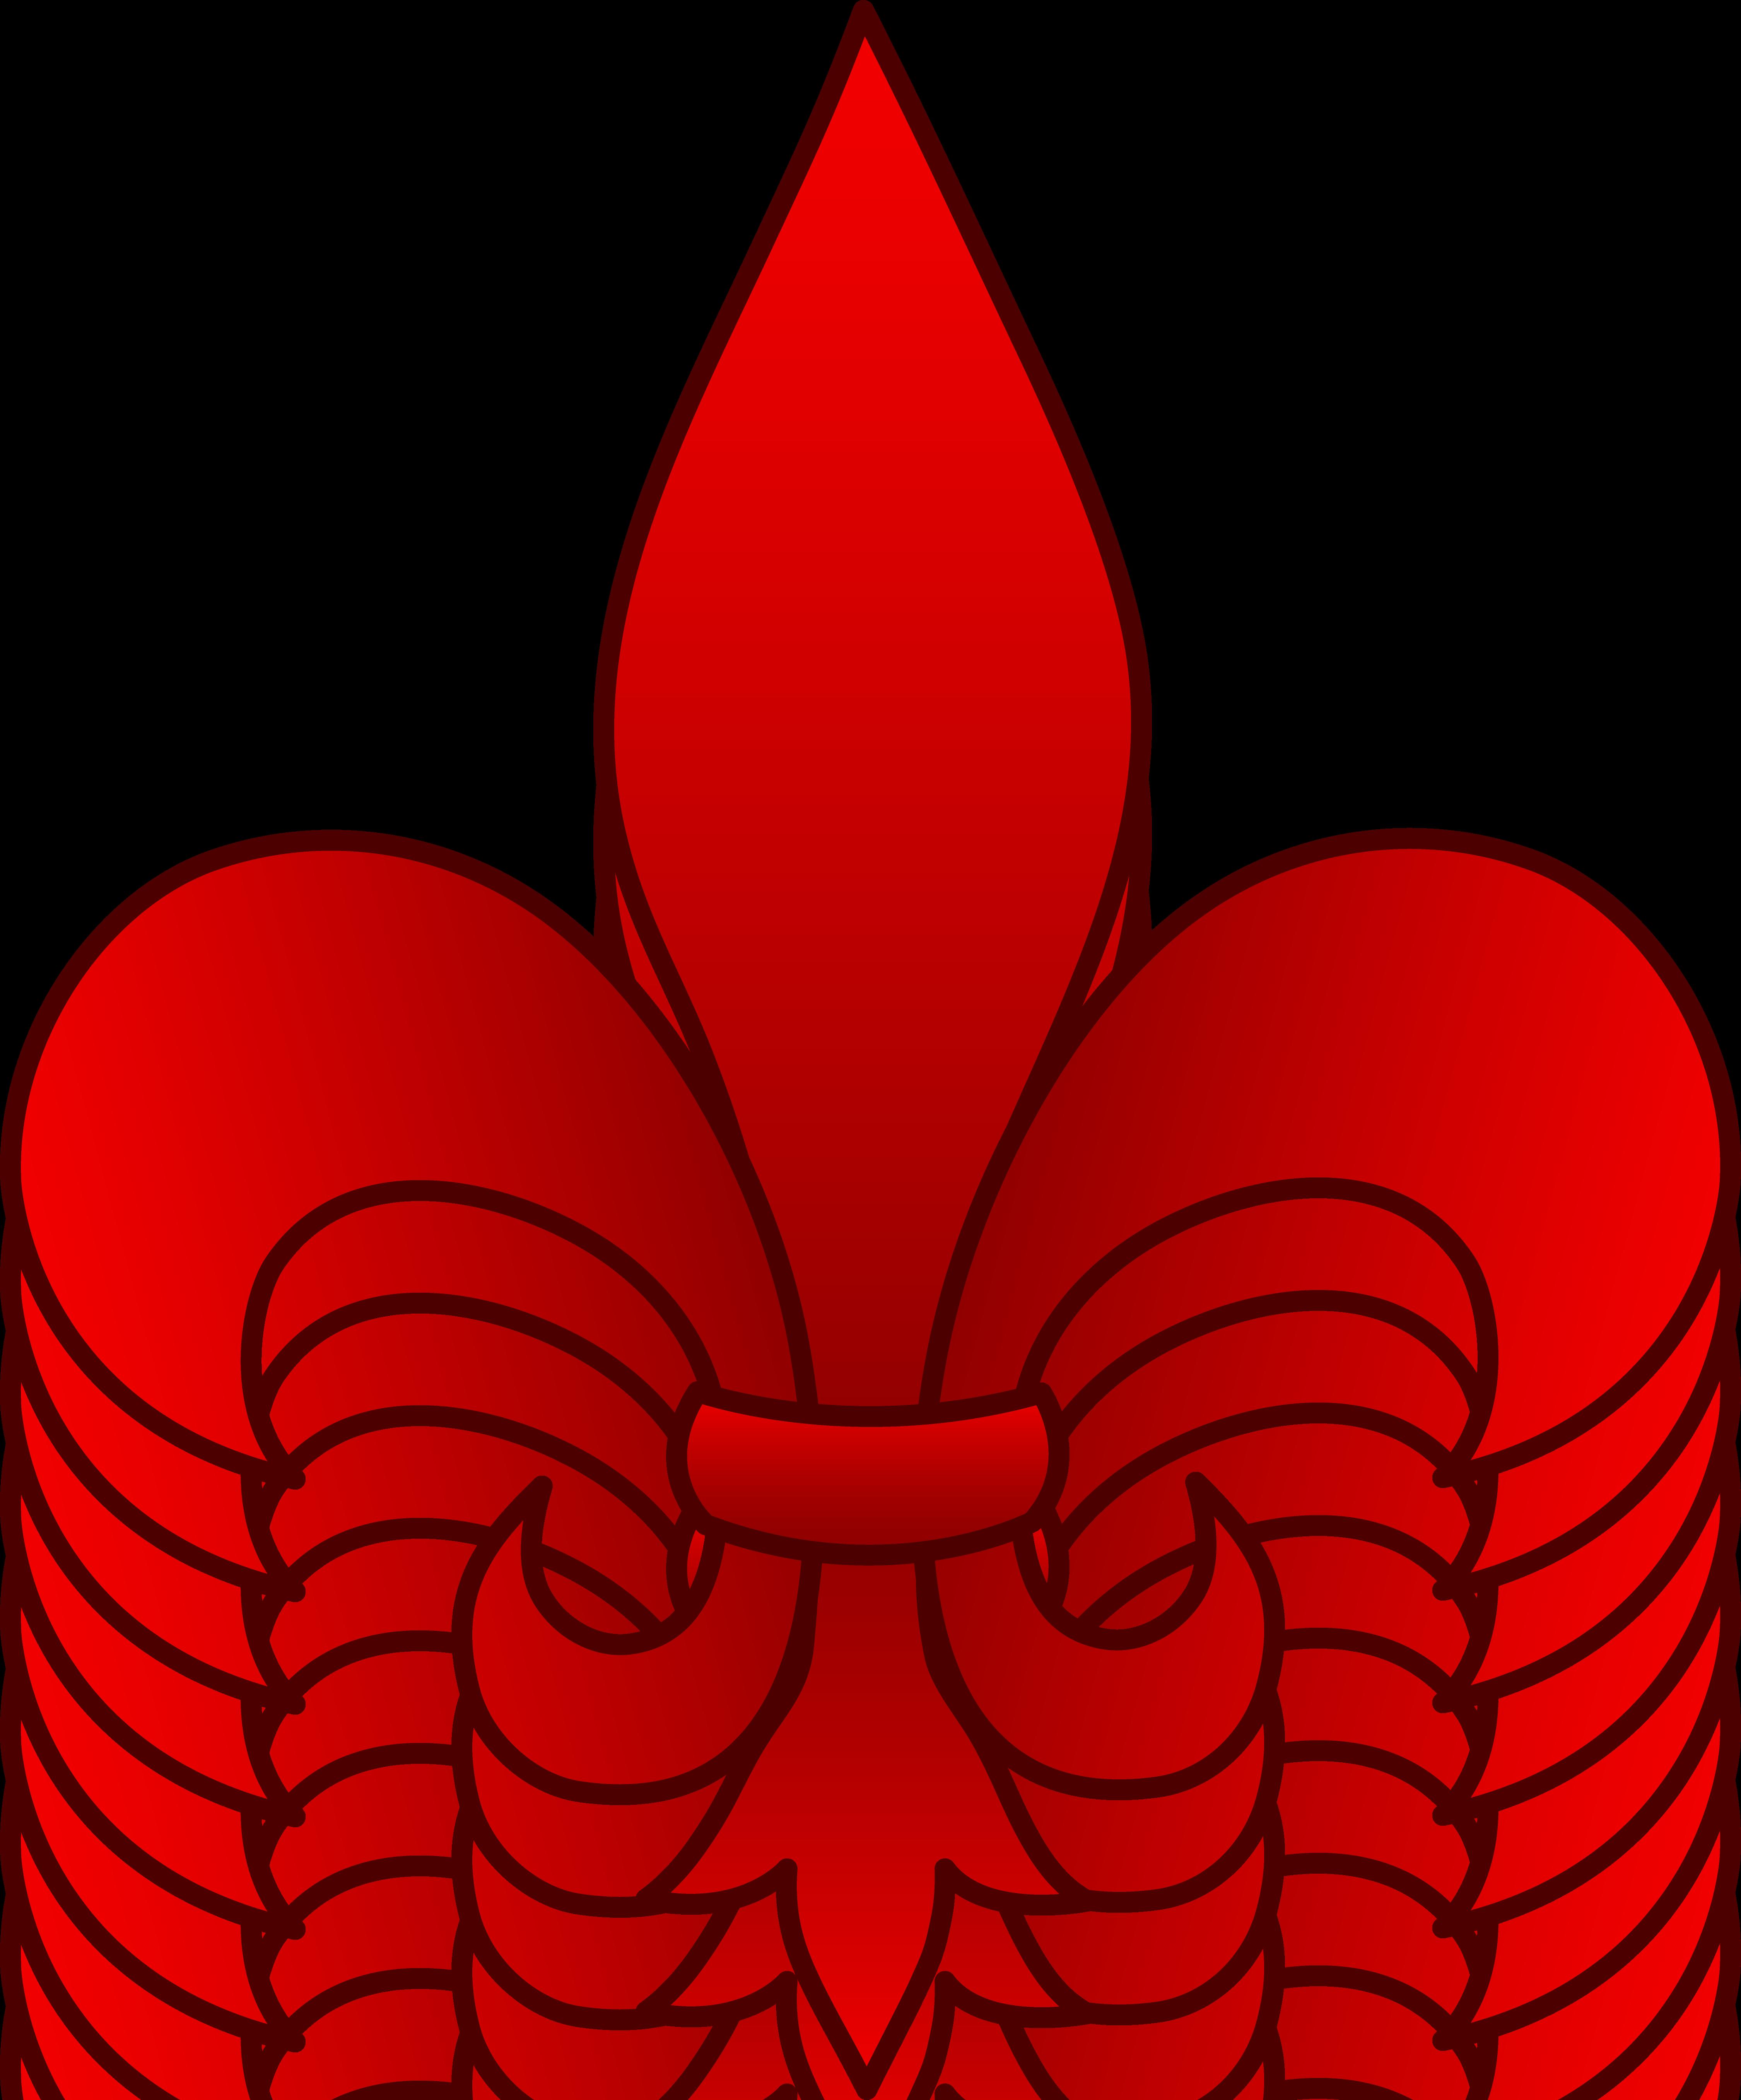 Clip Art Fleur De Lis - Cliparts.co